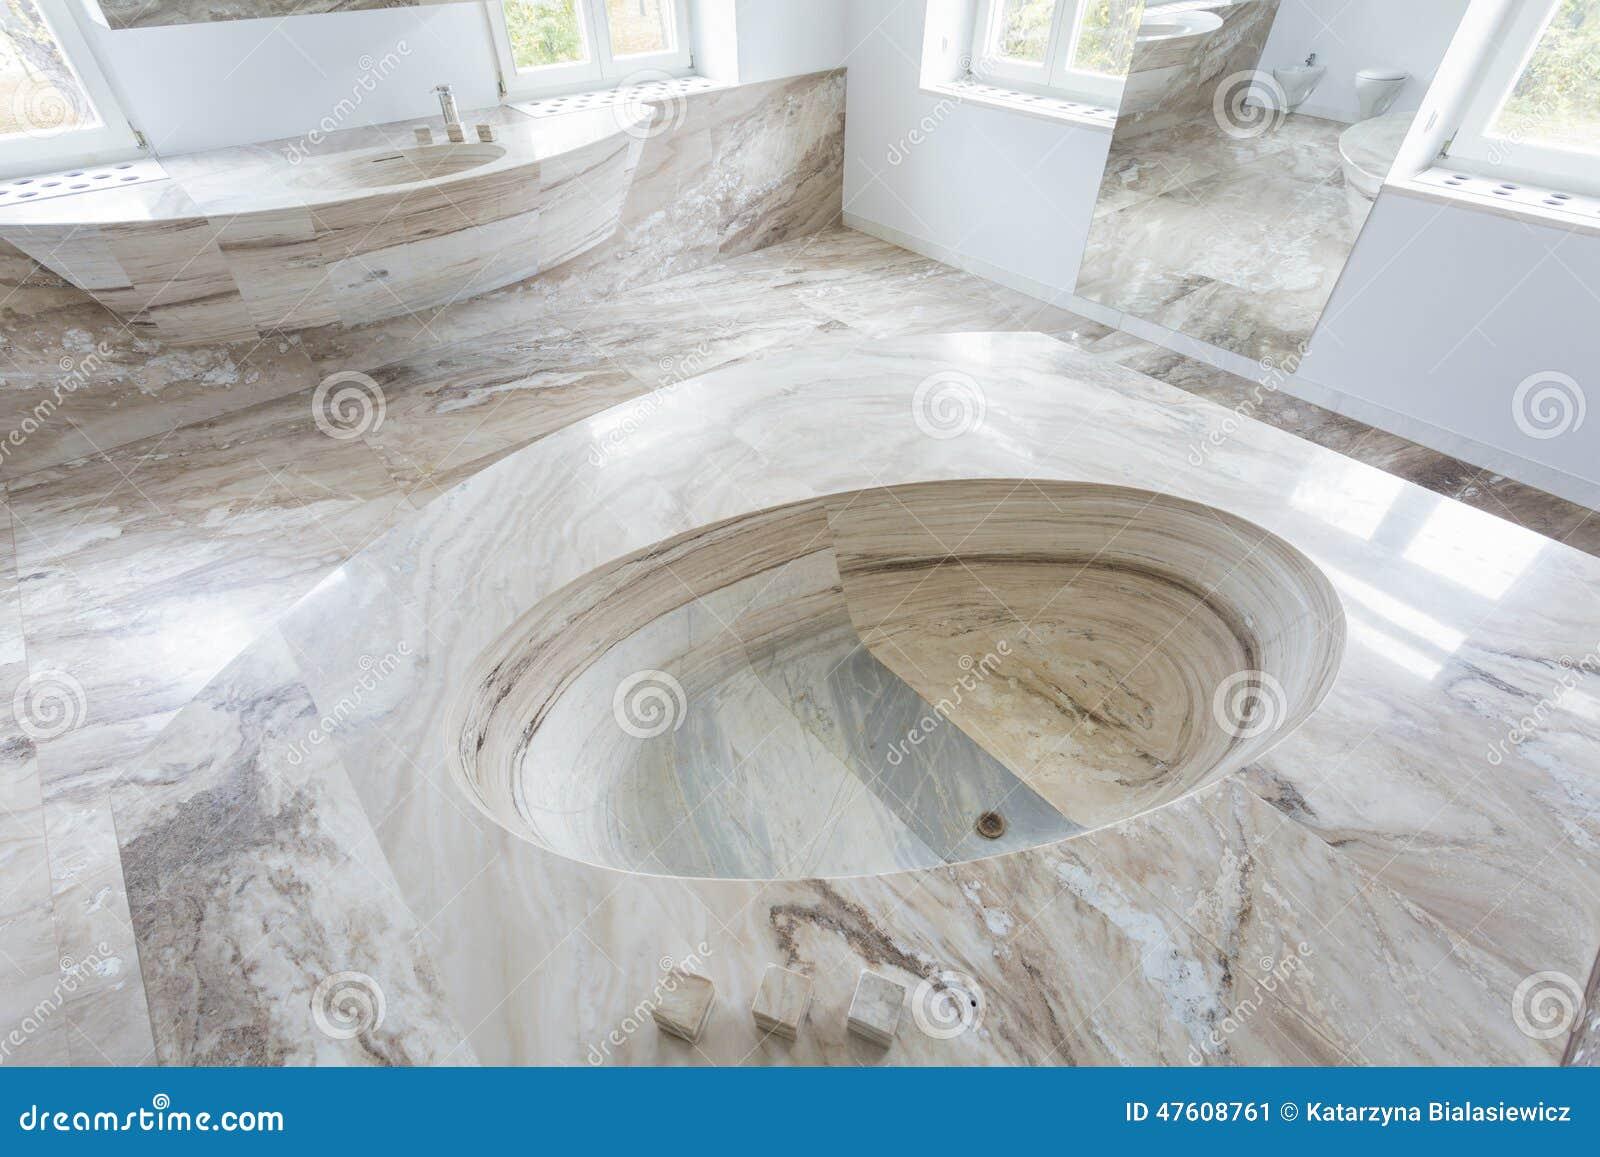 Lavandino di marmo in bagno di lusso immagine stock - Bagno di marmo ...